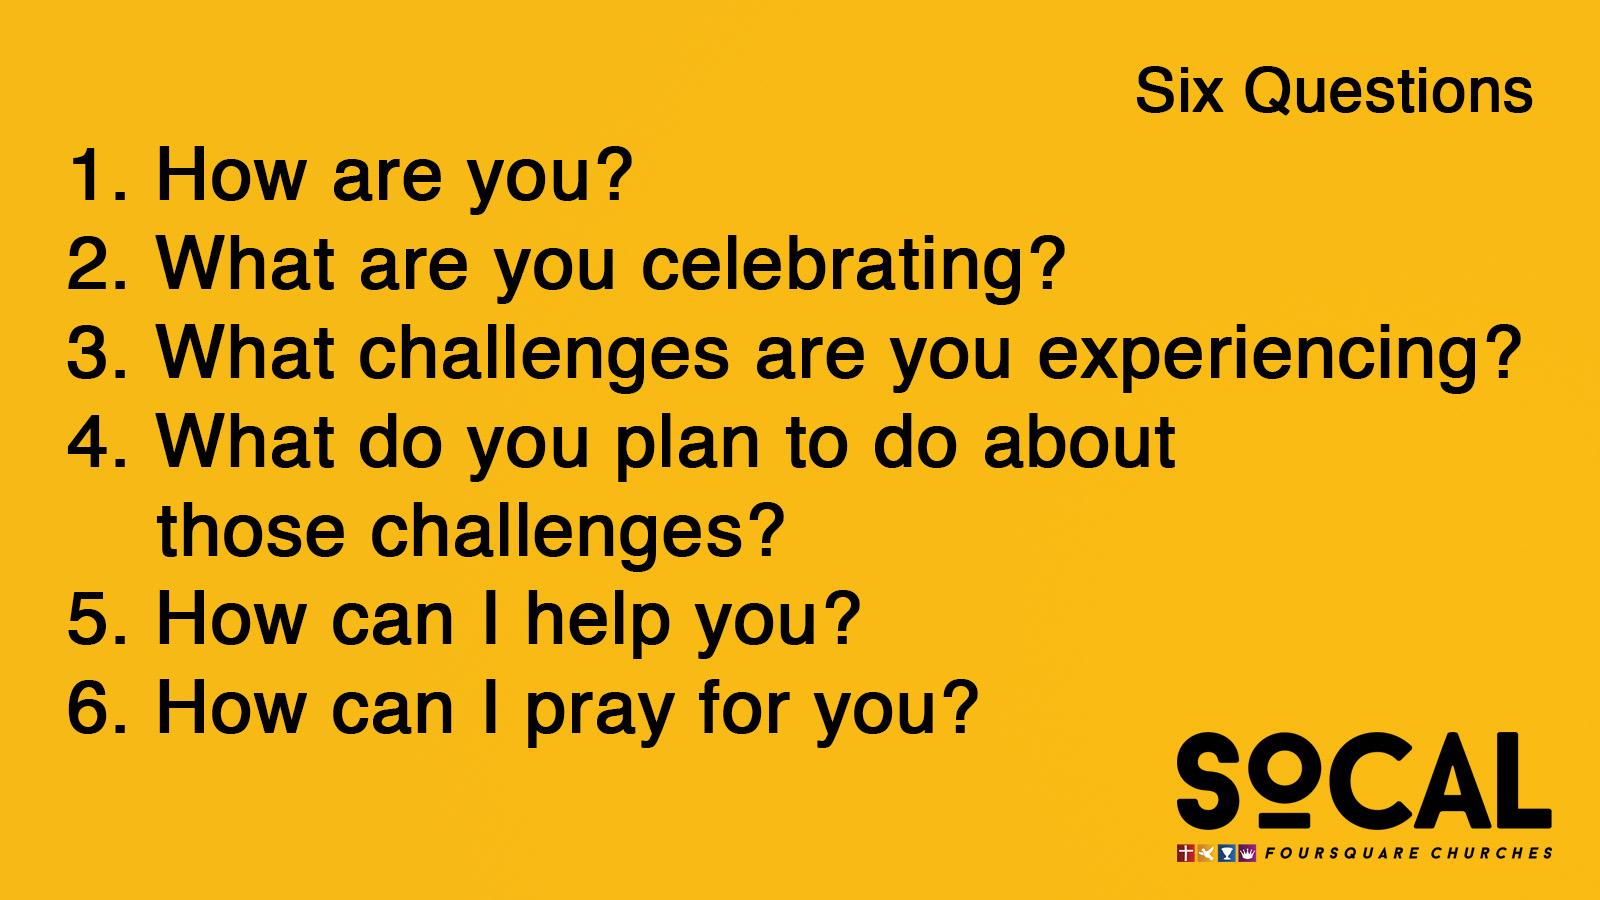 SixQuestions